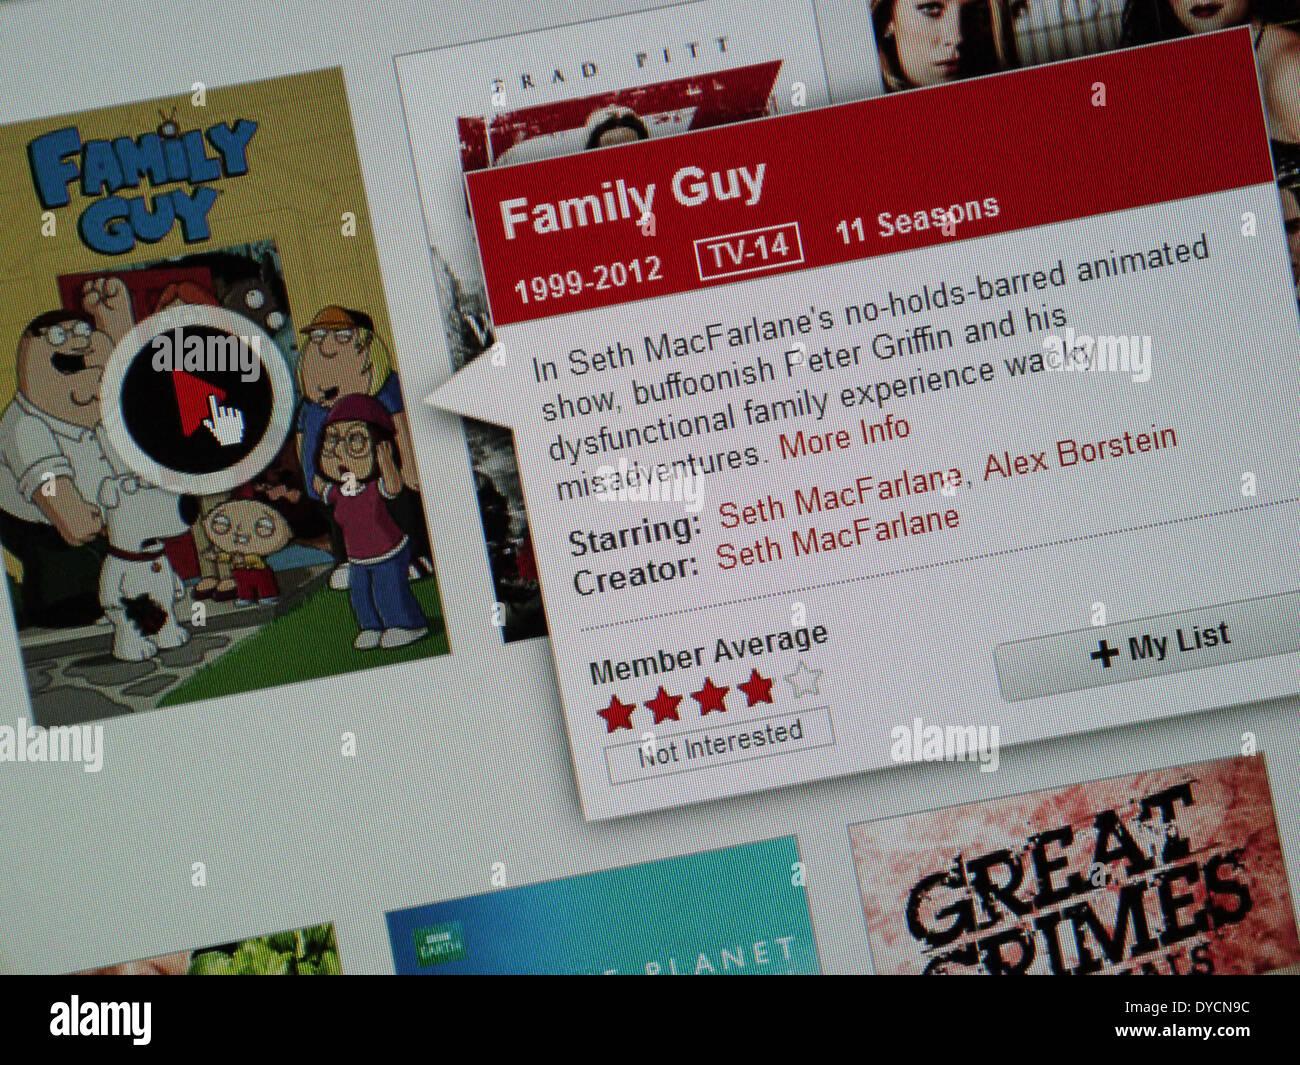 Family Guy tv show netflix en ligne Photo Stock